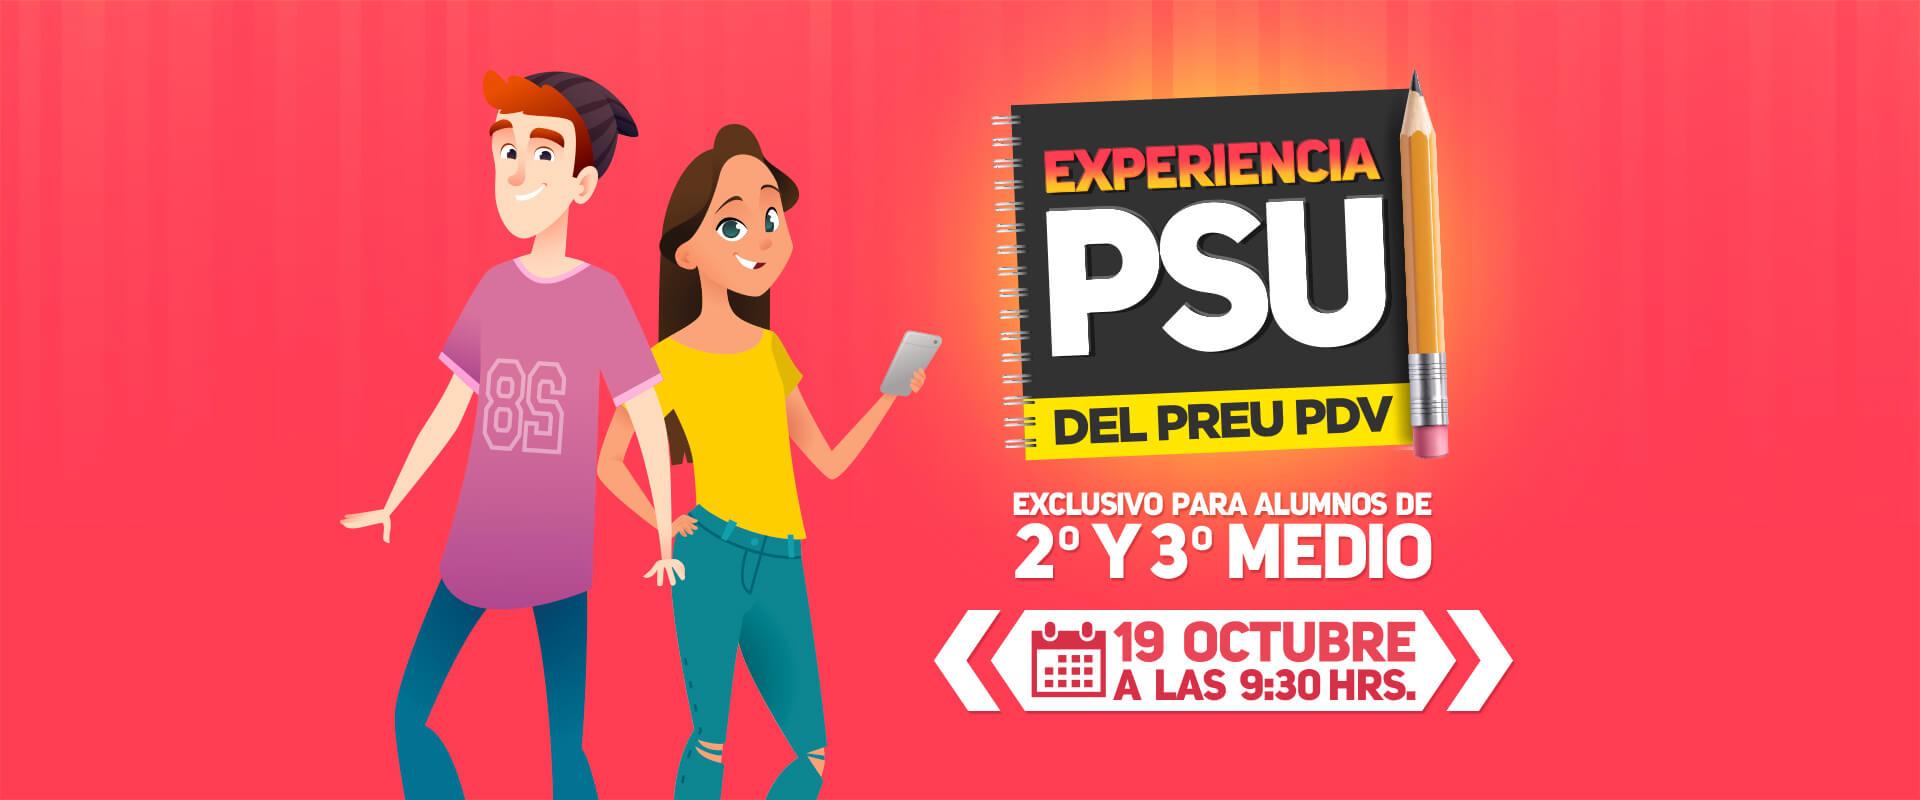 Experiencia PSU